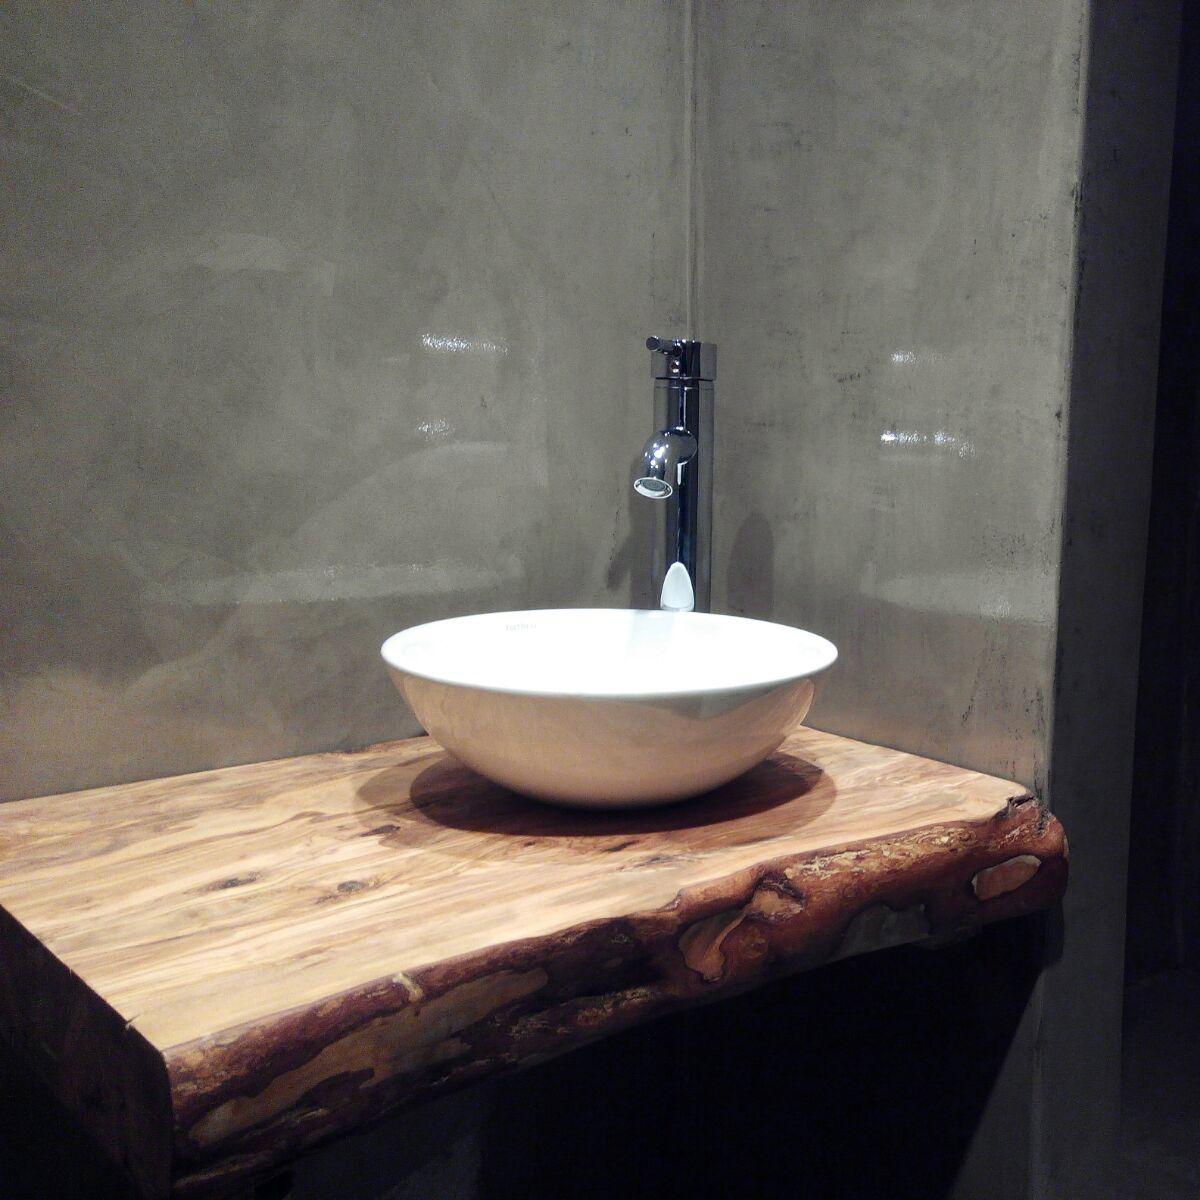 Encimera de ba o de madera r stica en un ambiente for Muebles de bano en madera natural